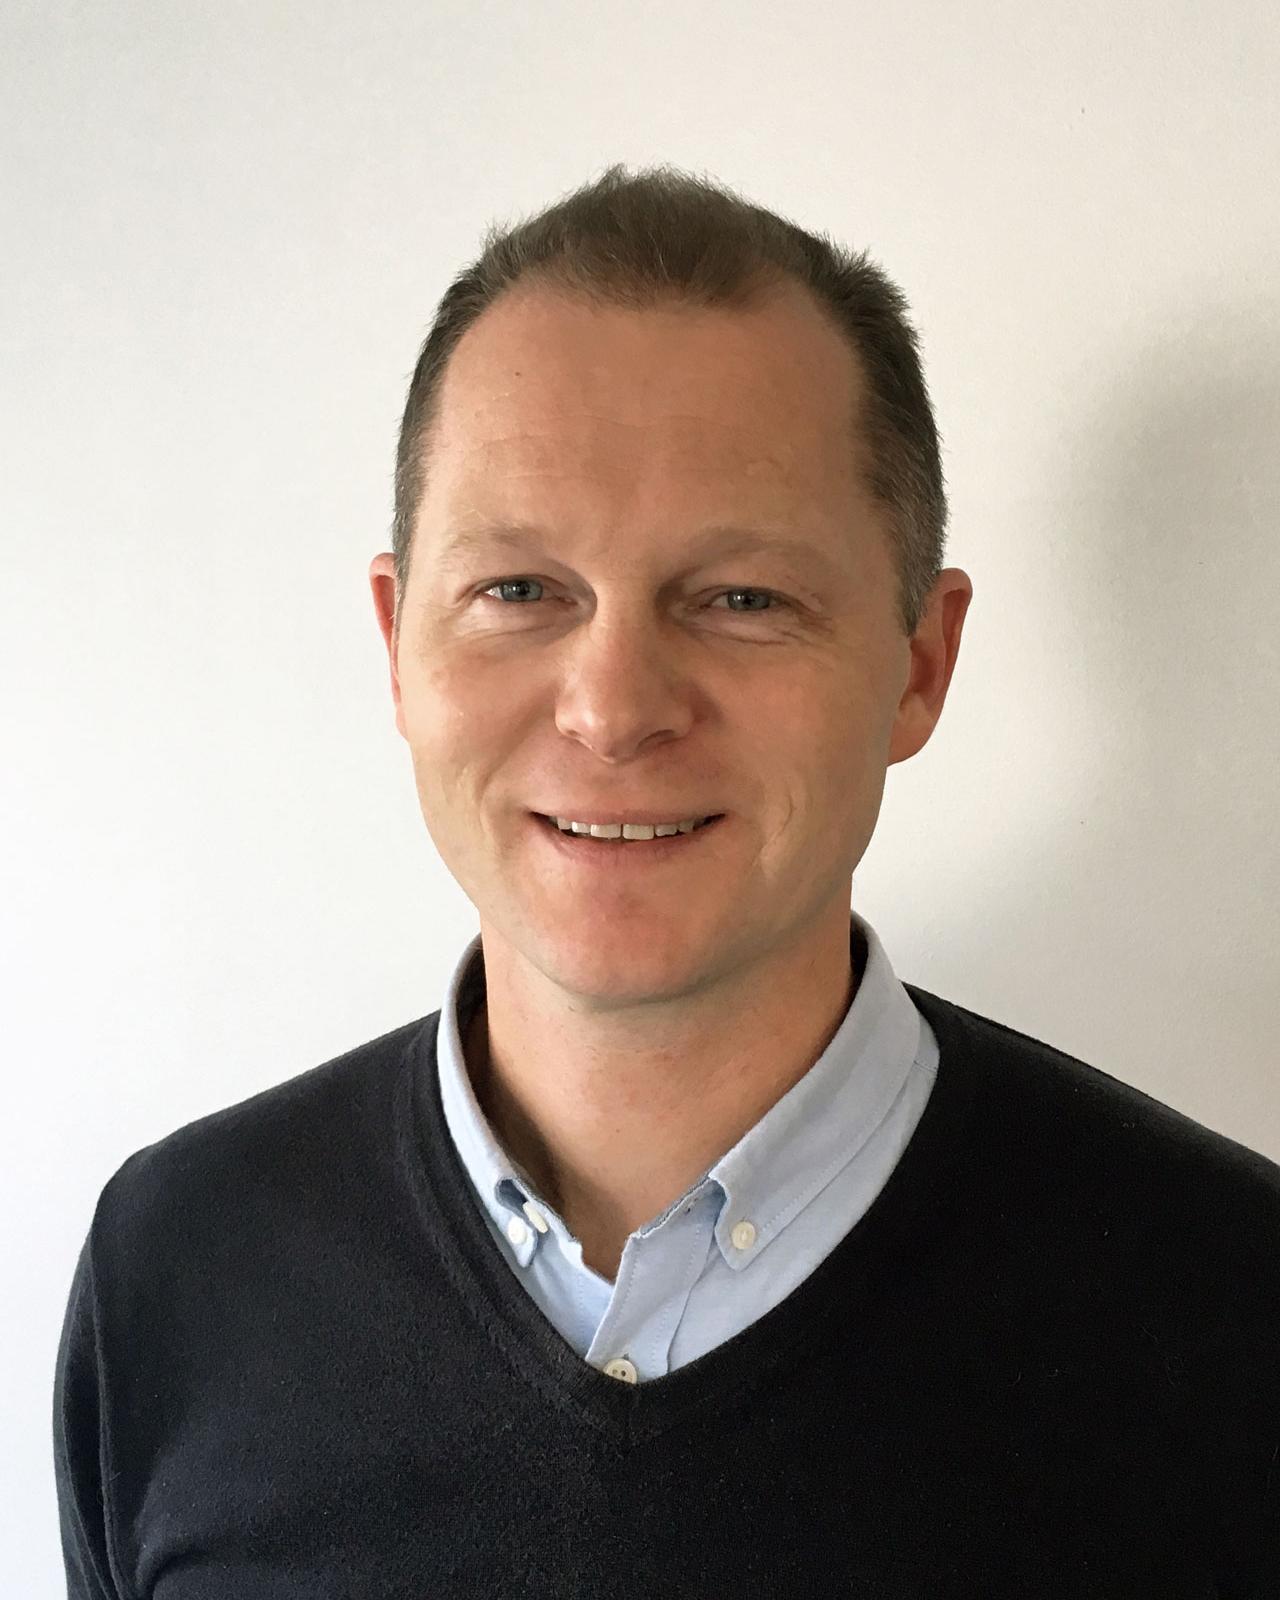 Bengt Hestner